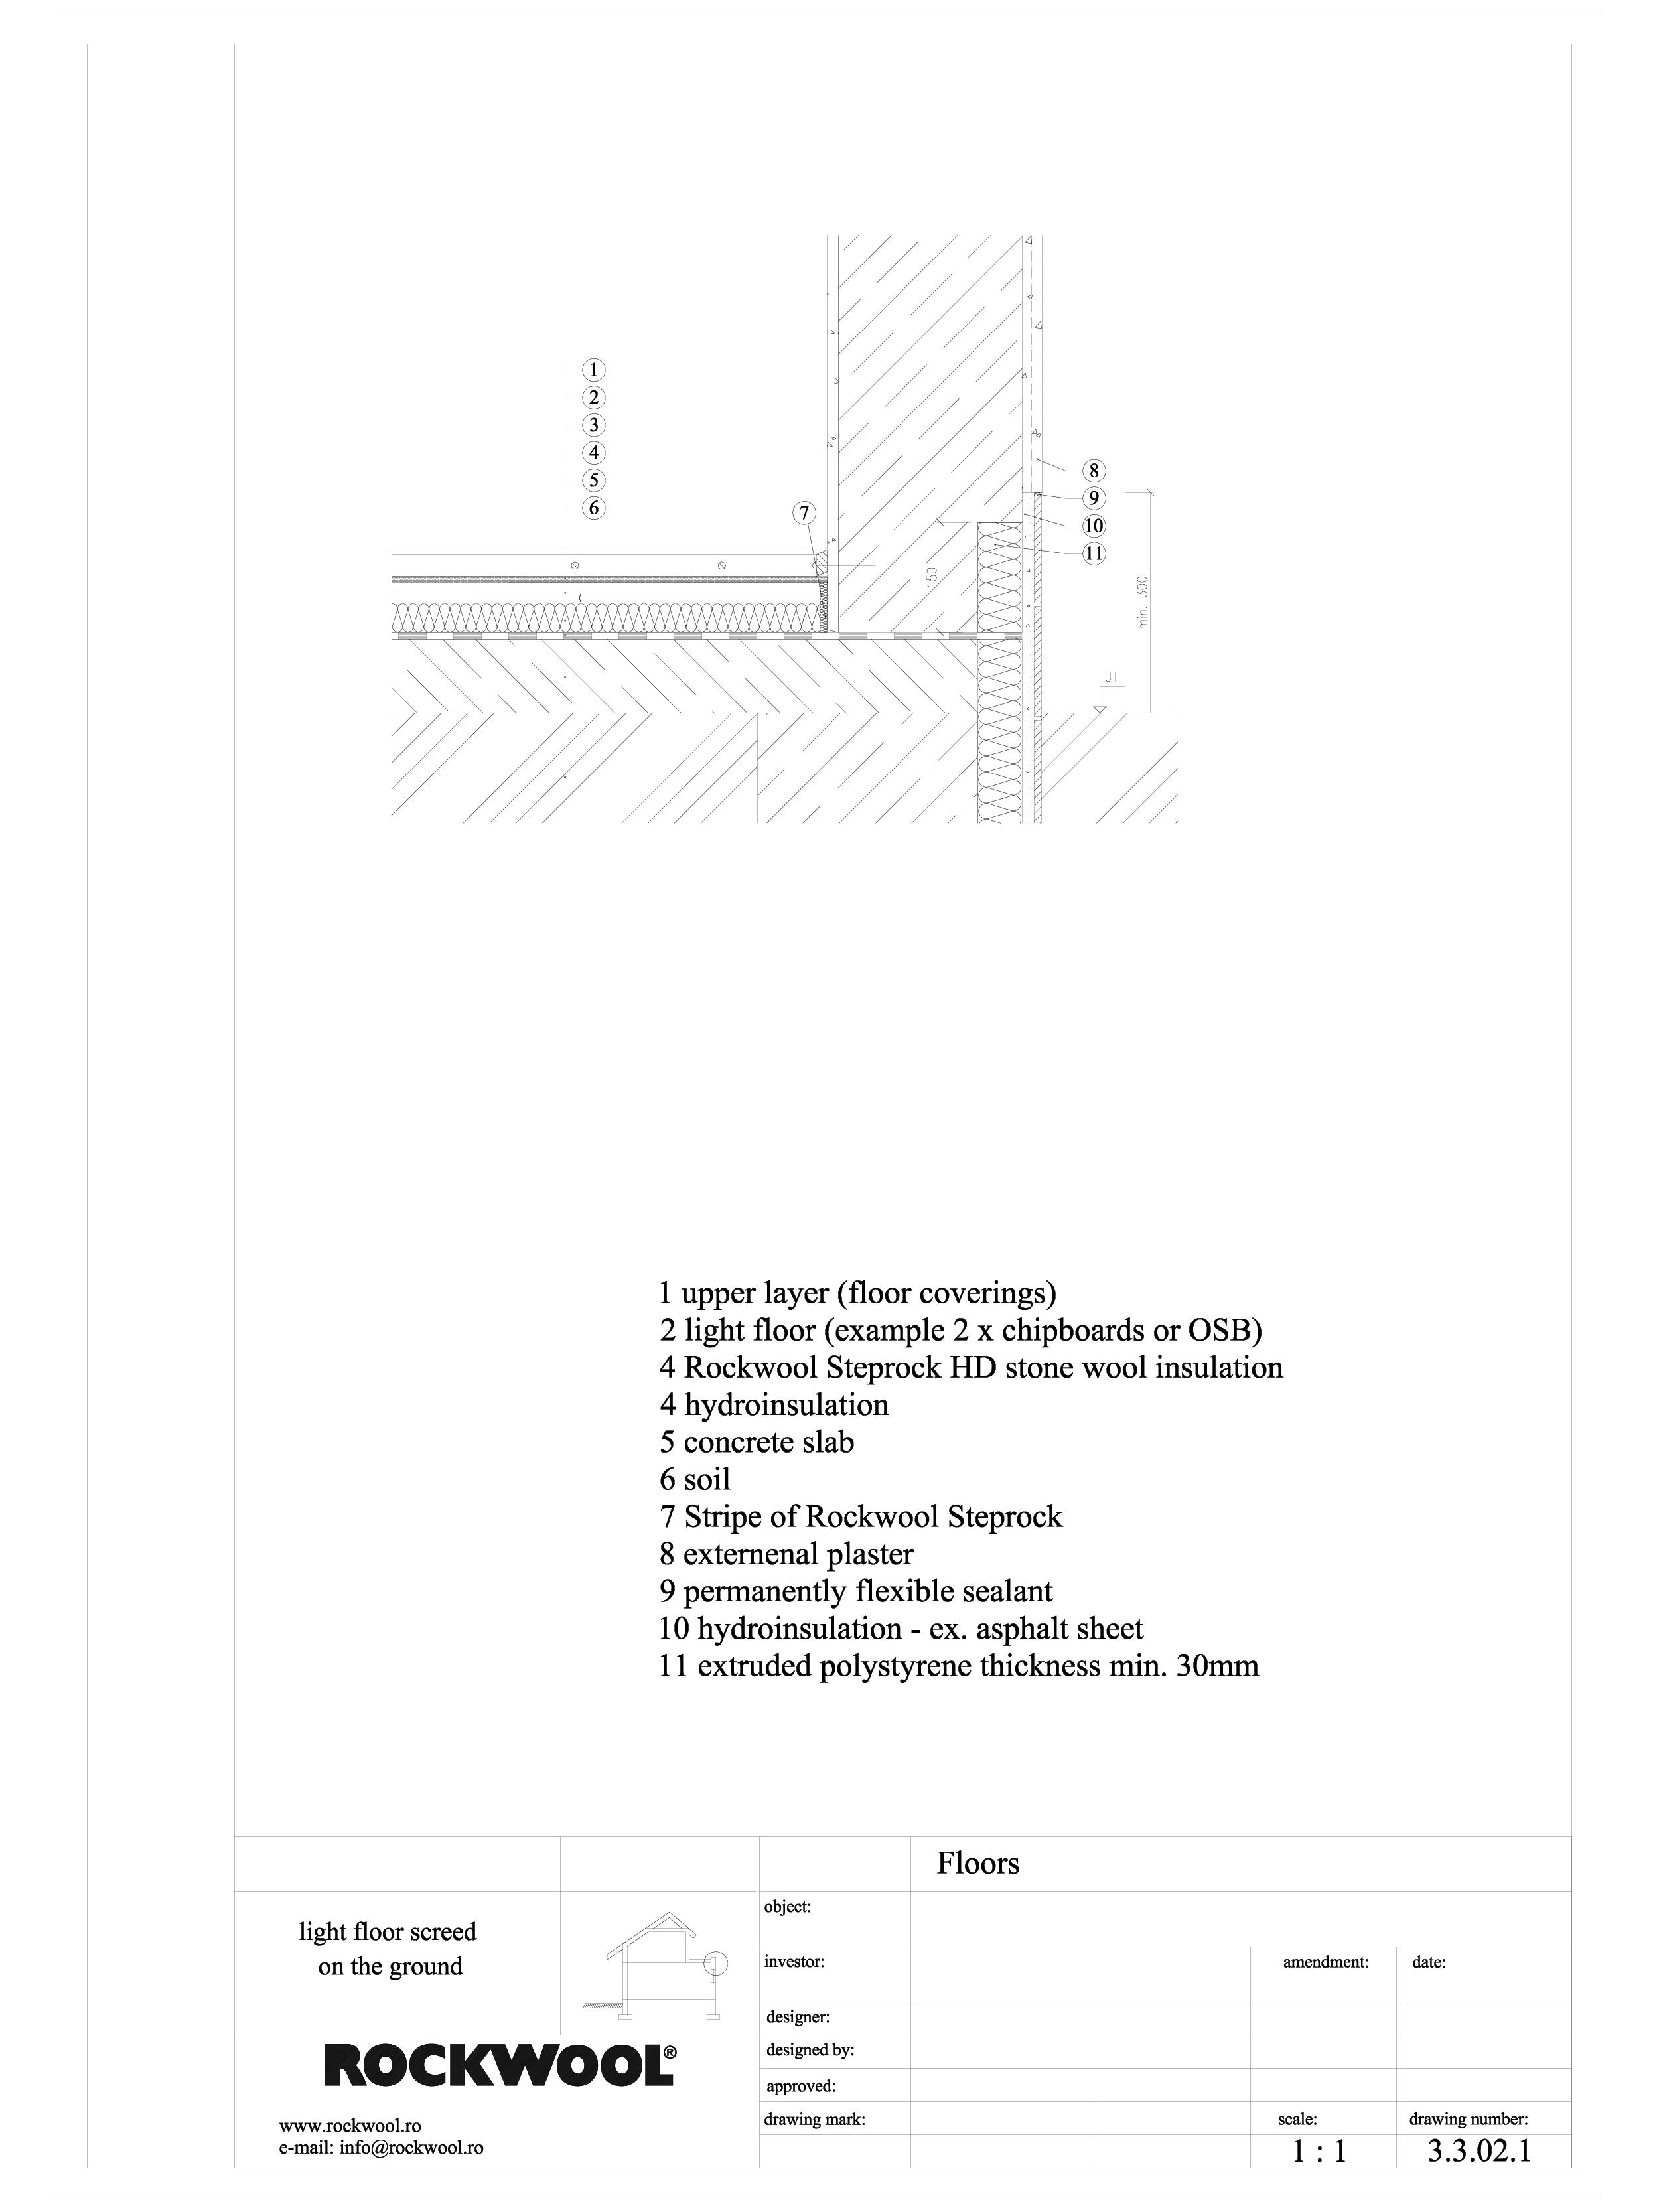 Termoizolarea pardoselilor - detaliu termoizolare, pardoseala asezata pe sol ROCKWOOL Termoizolatie vata bazaltica pentru pardoseli ROCKWOOL ROMANIA  - Pagina 1